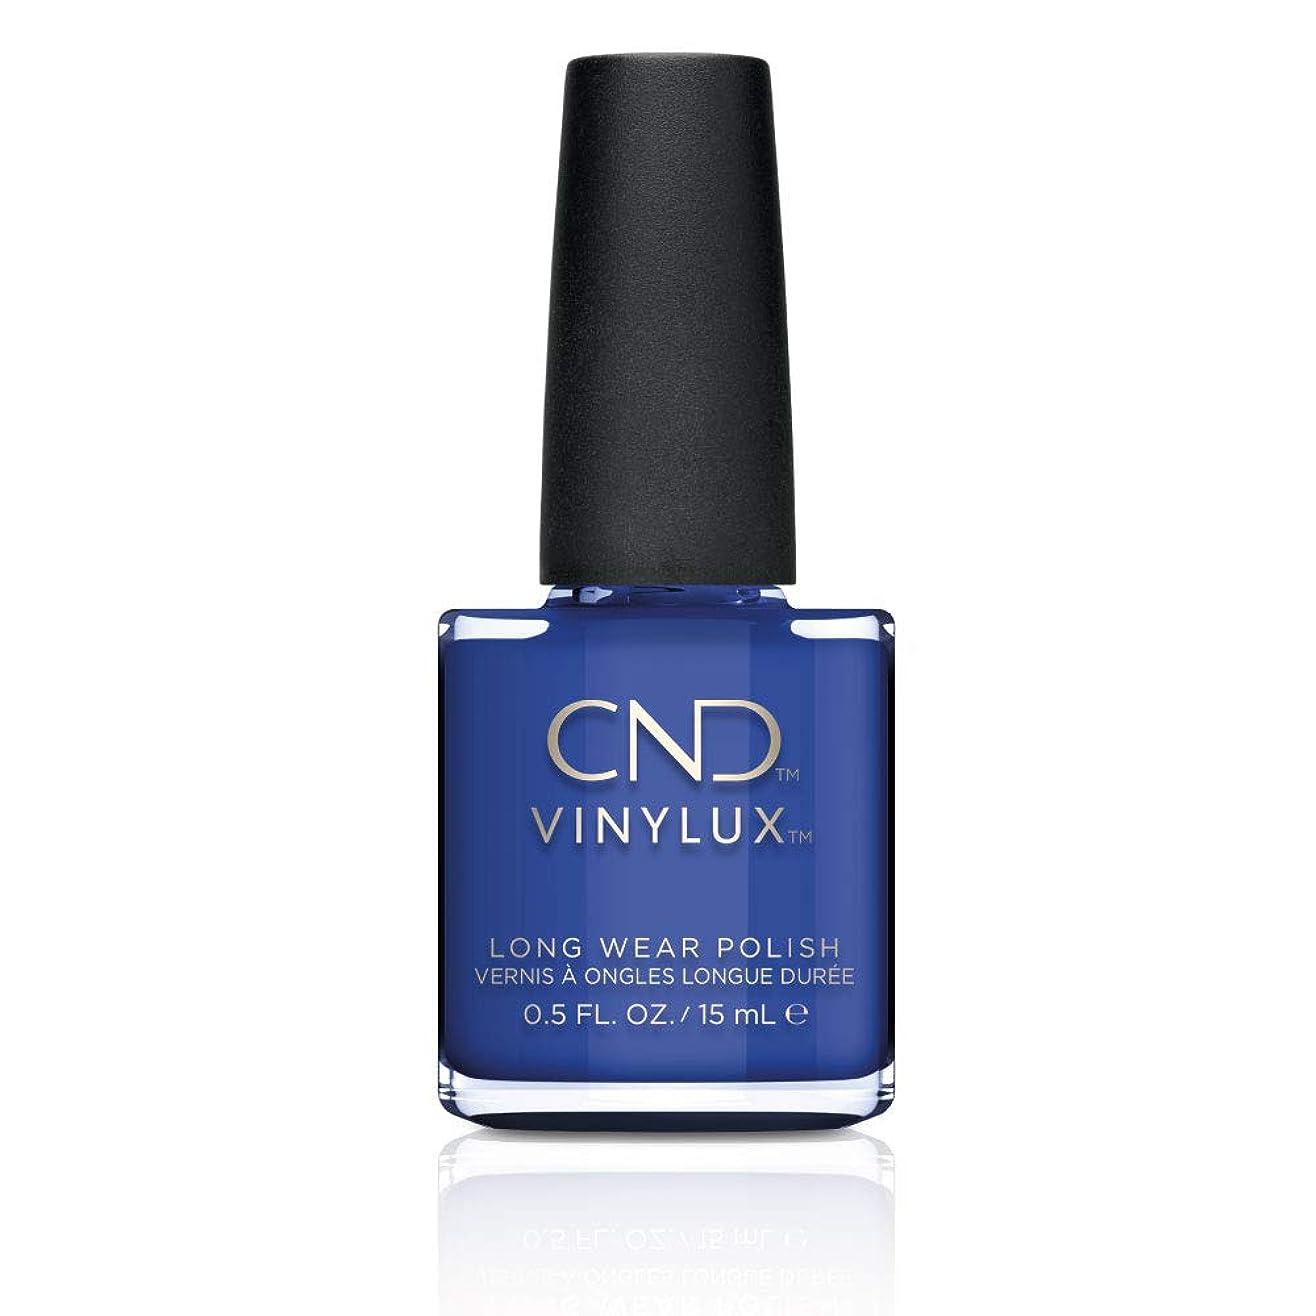 扇動するゴム明らかにCND(シーエヌディー) バイナラクス ウィークリーポリッシュ 238 ブルーアイシャドウ 15ml